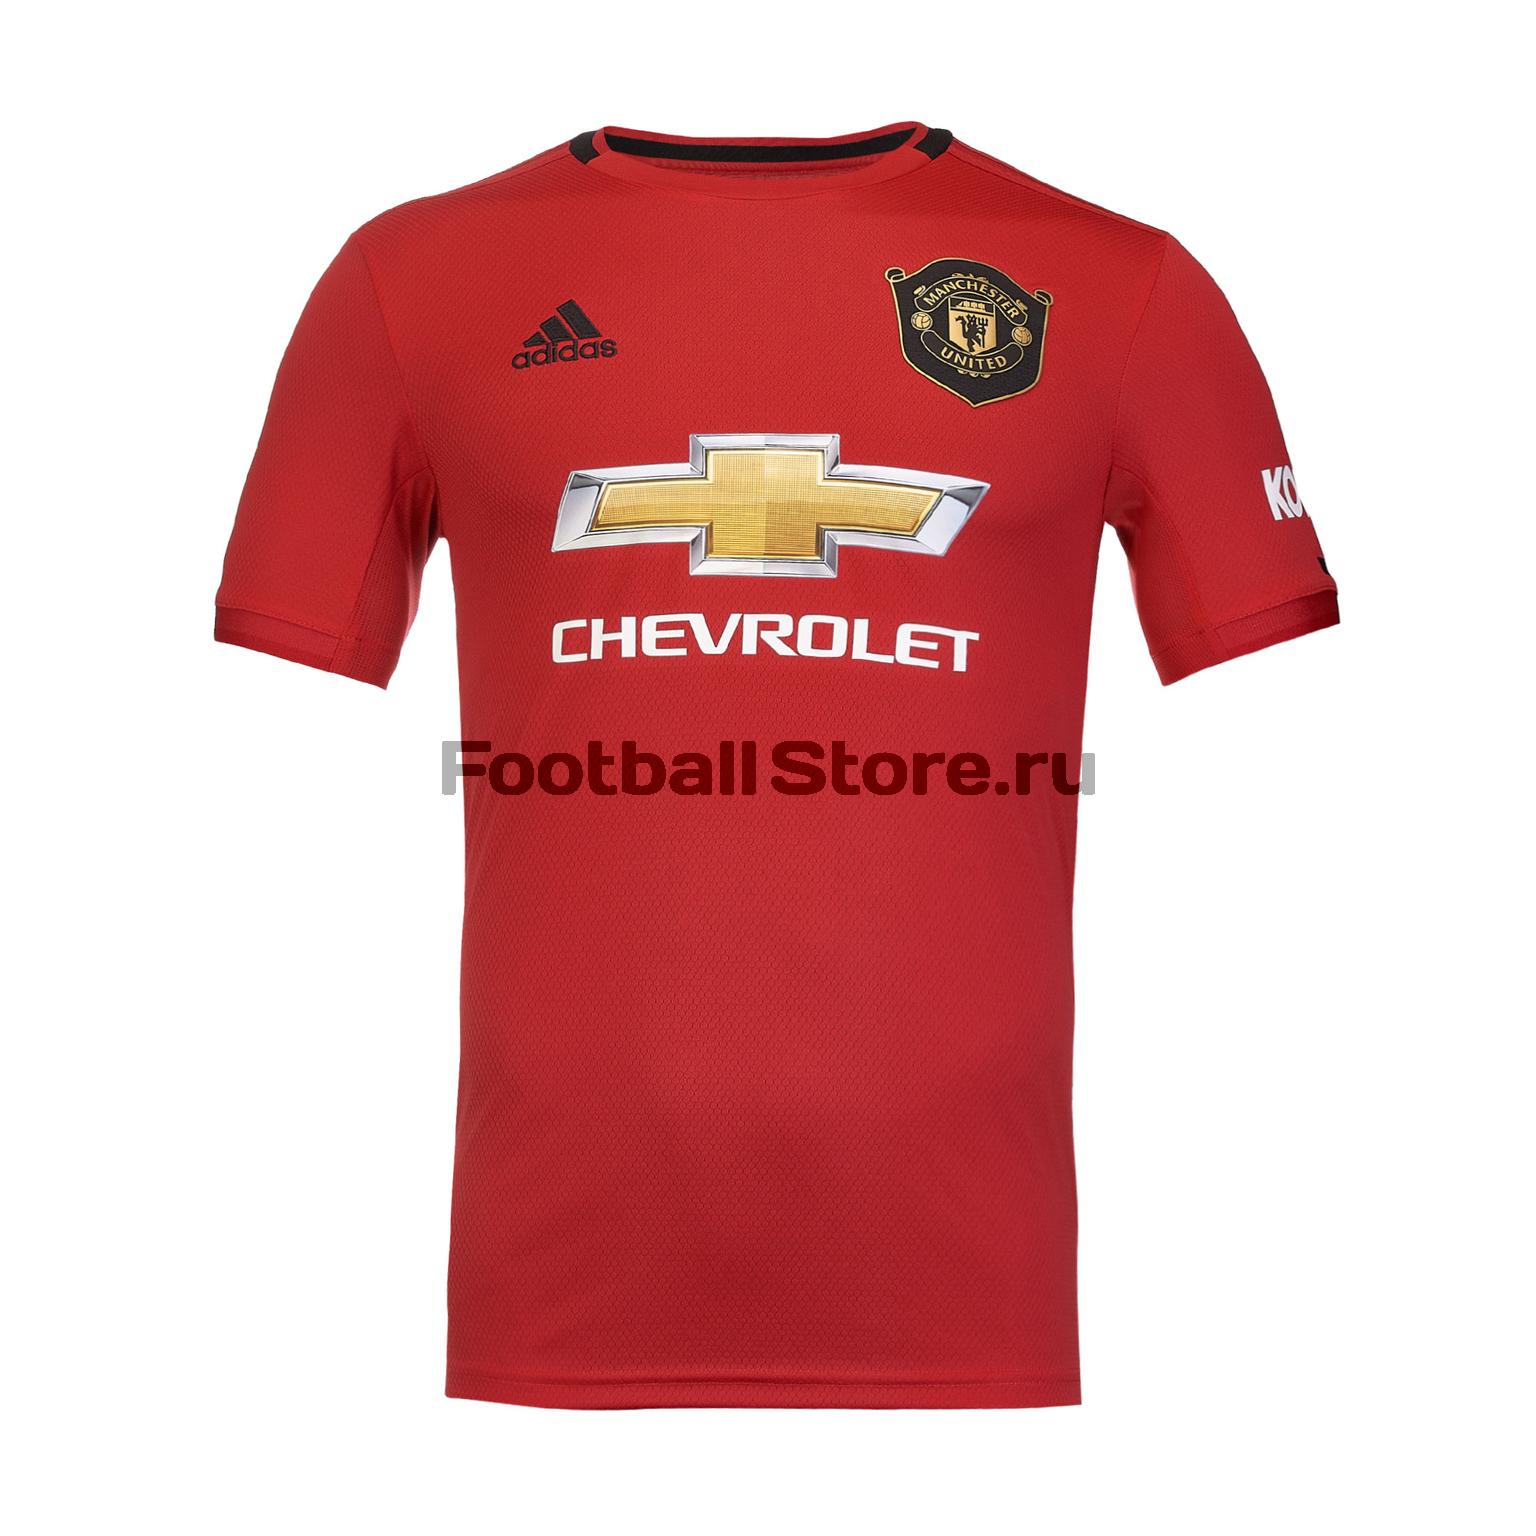 Футболка игровая домашняя Adidas Manchester United 2019/20 футболка домашняя tezenis tezenis mp002xm248ga